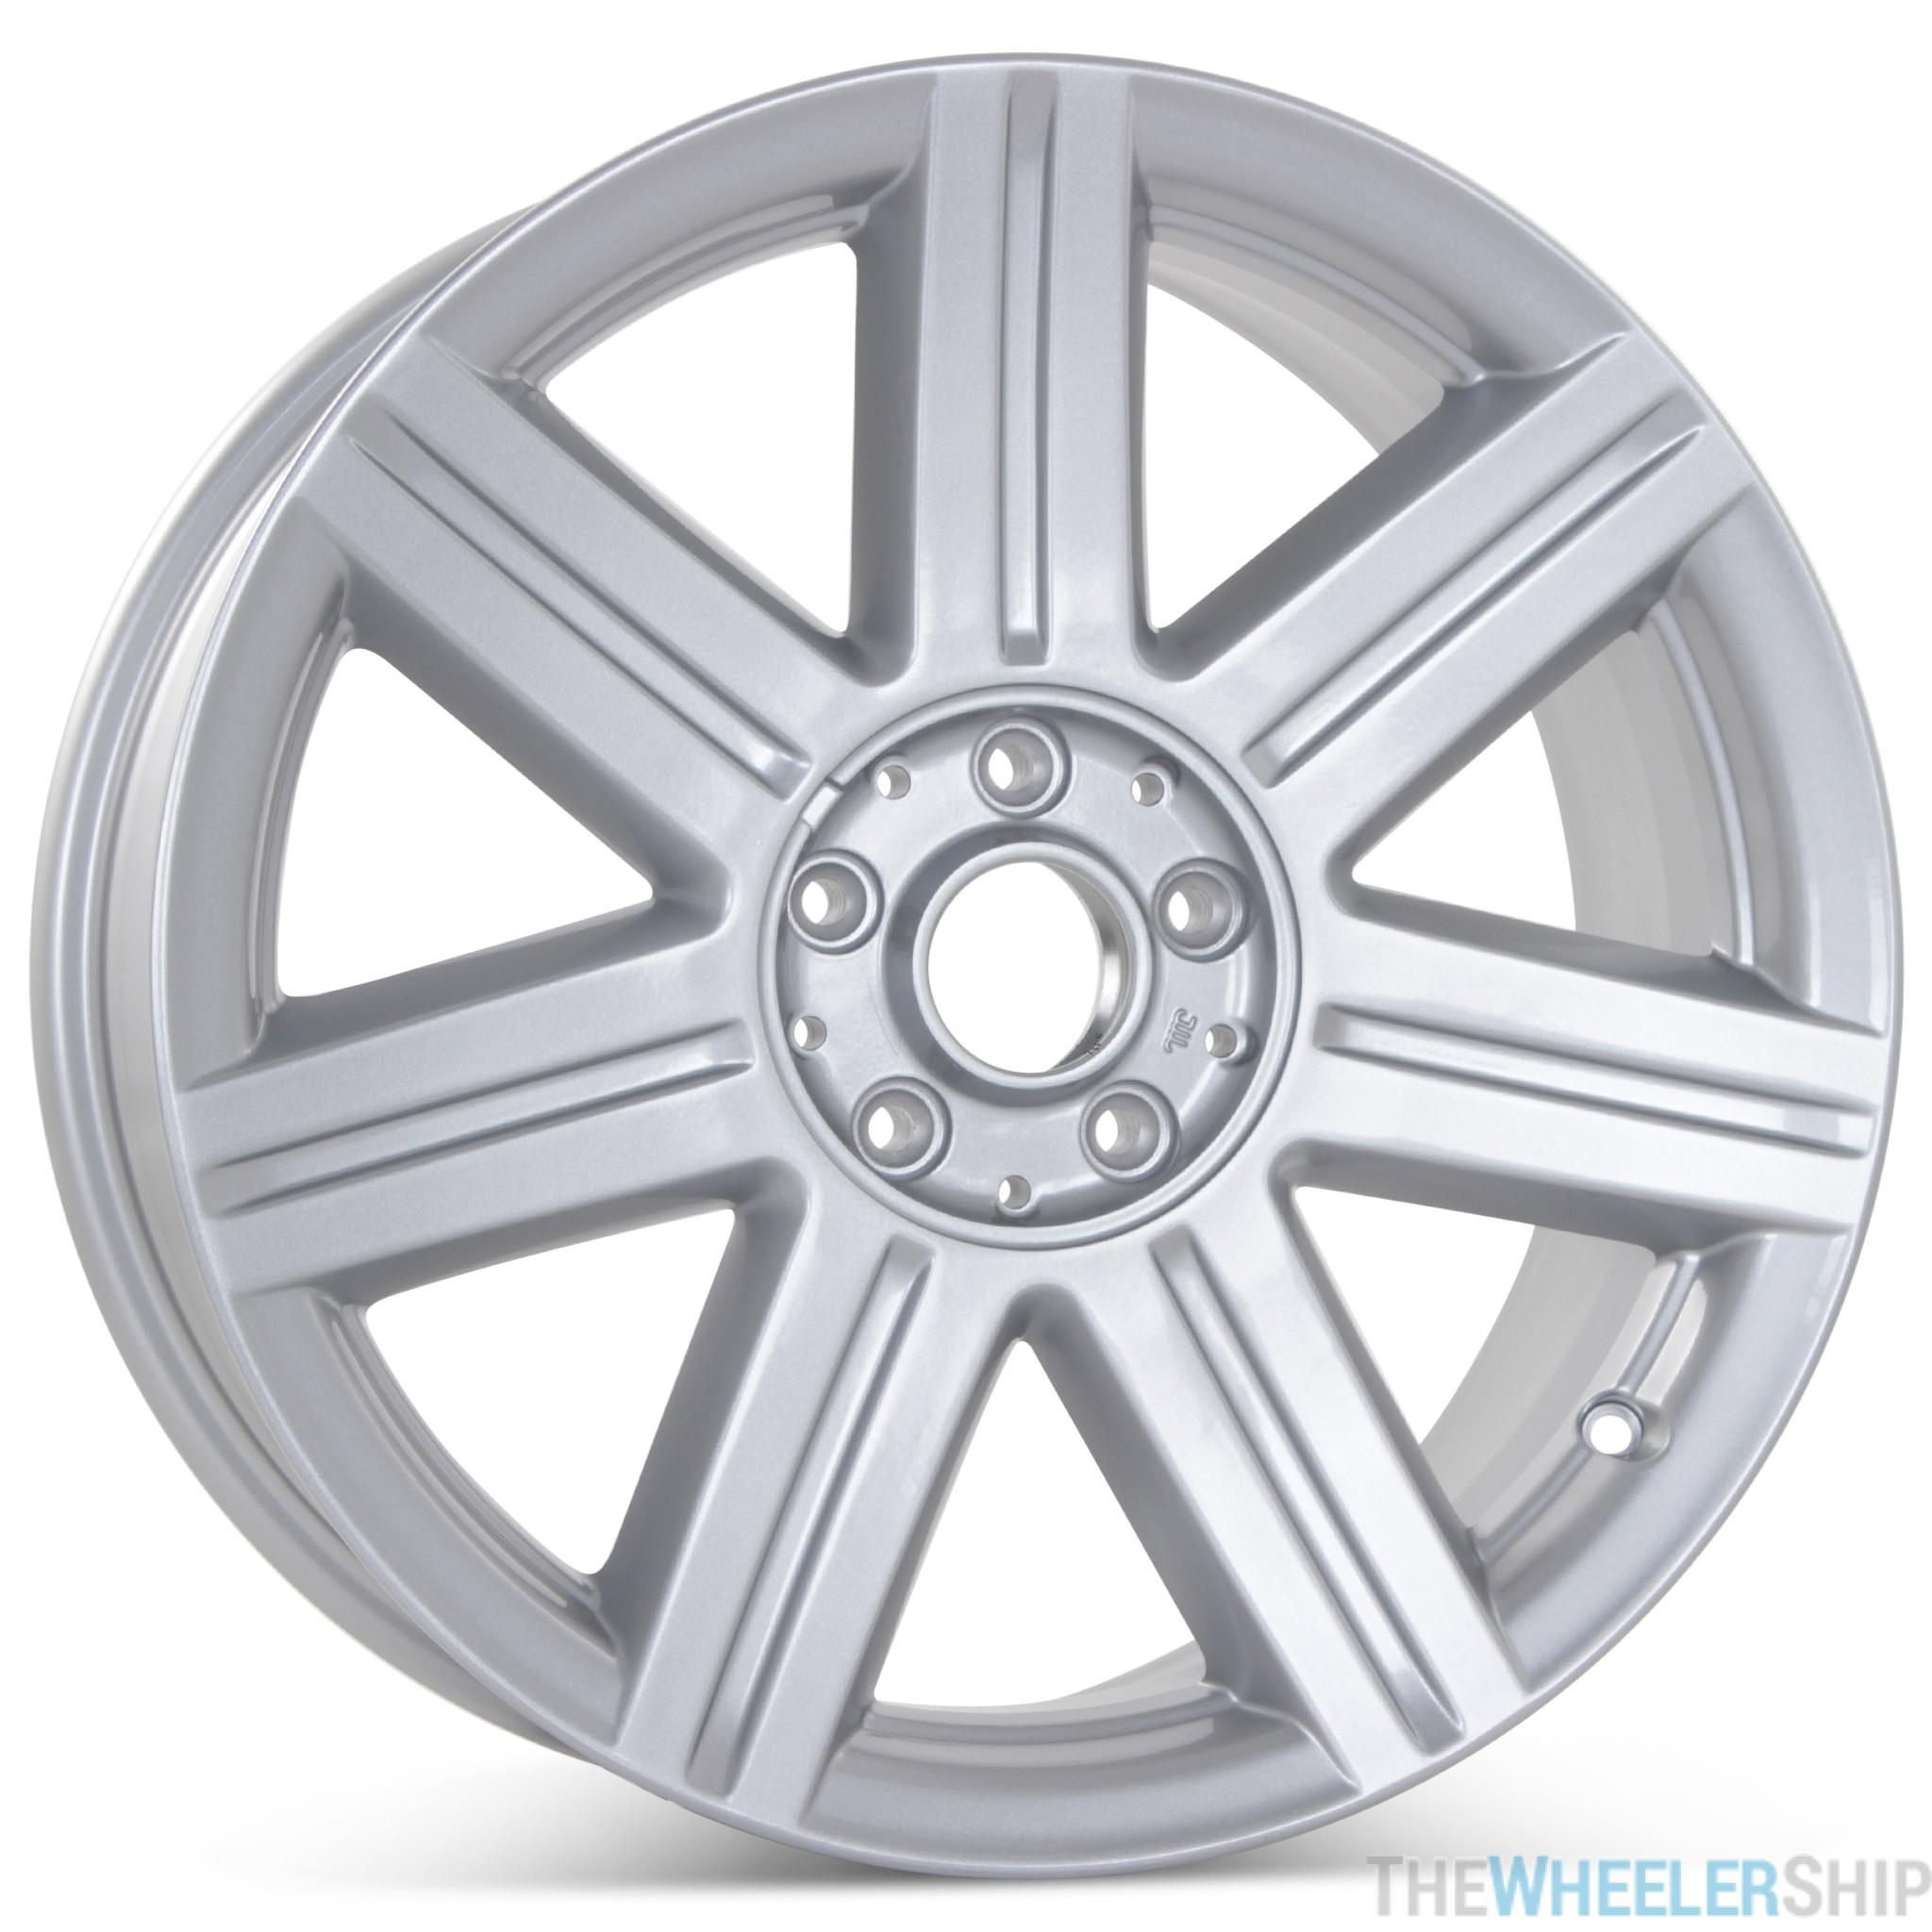 2004-2008 Chrysler Crossfire Wheels For Sale